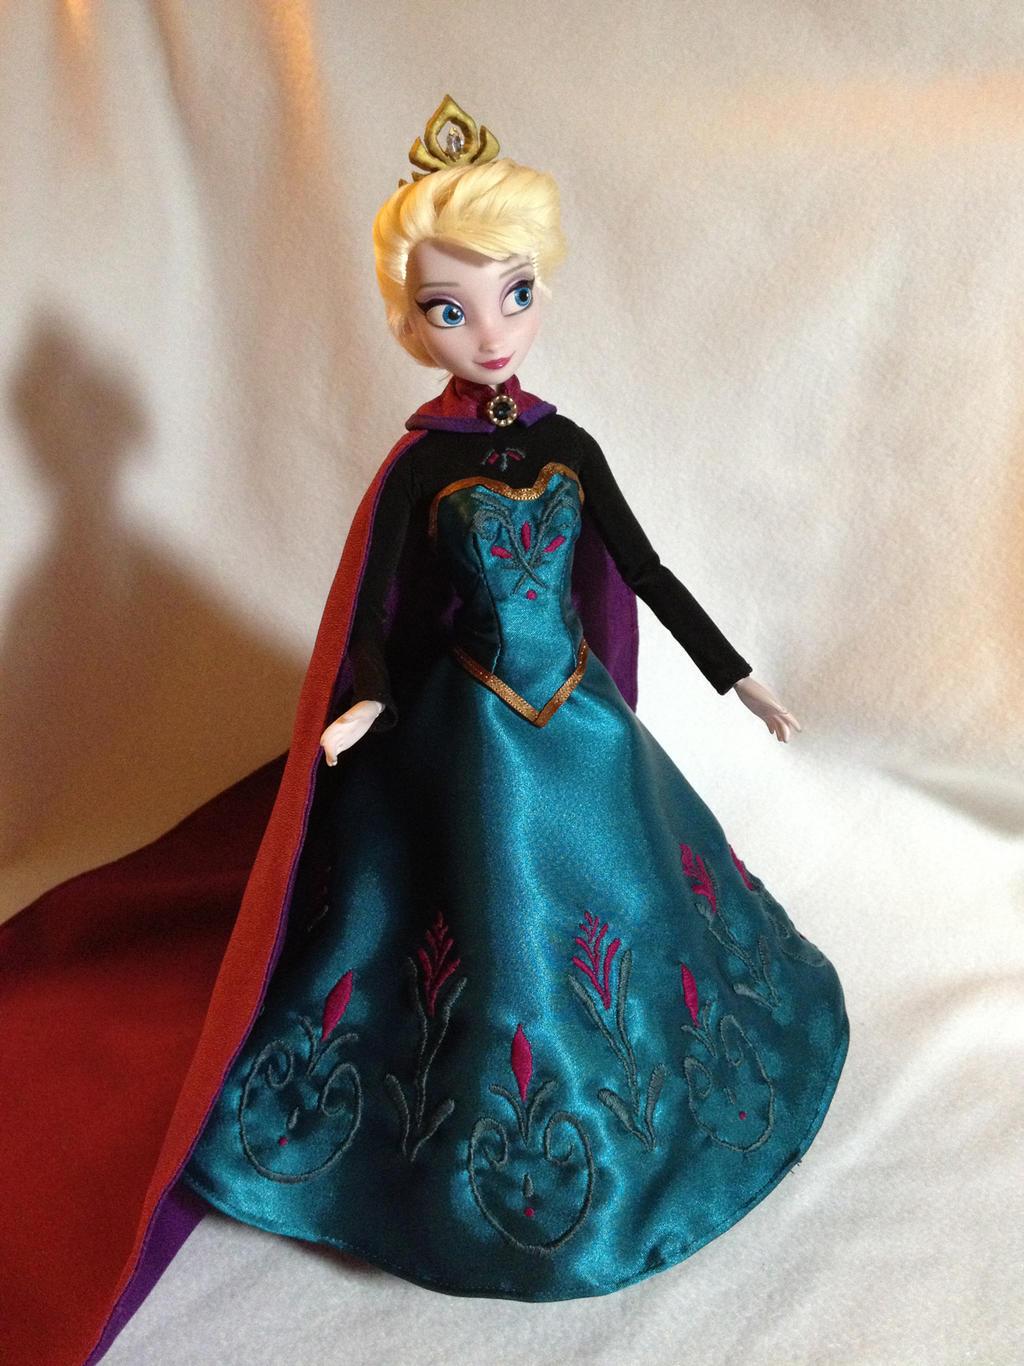 Disney Store Poupées Limited Edition 17'' (depuis 2009) - Page 5 Custom_frozen_elsa_coronation_doll_by_daphnetails-d6p9bk3